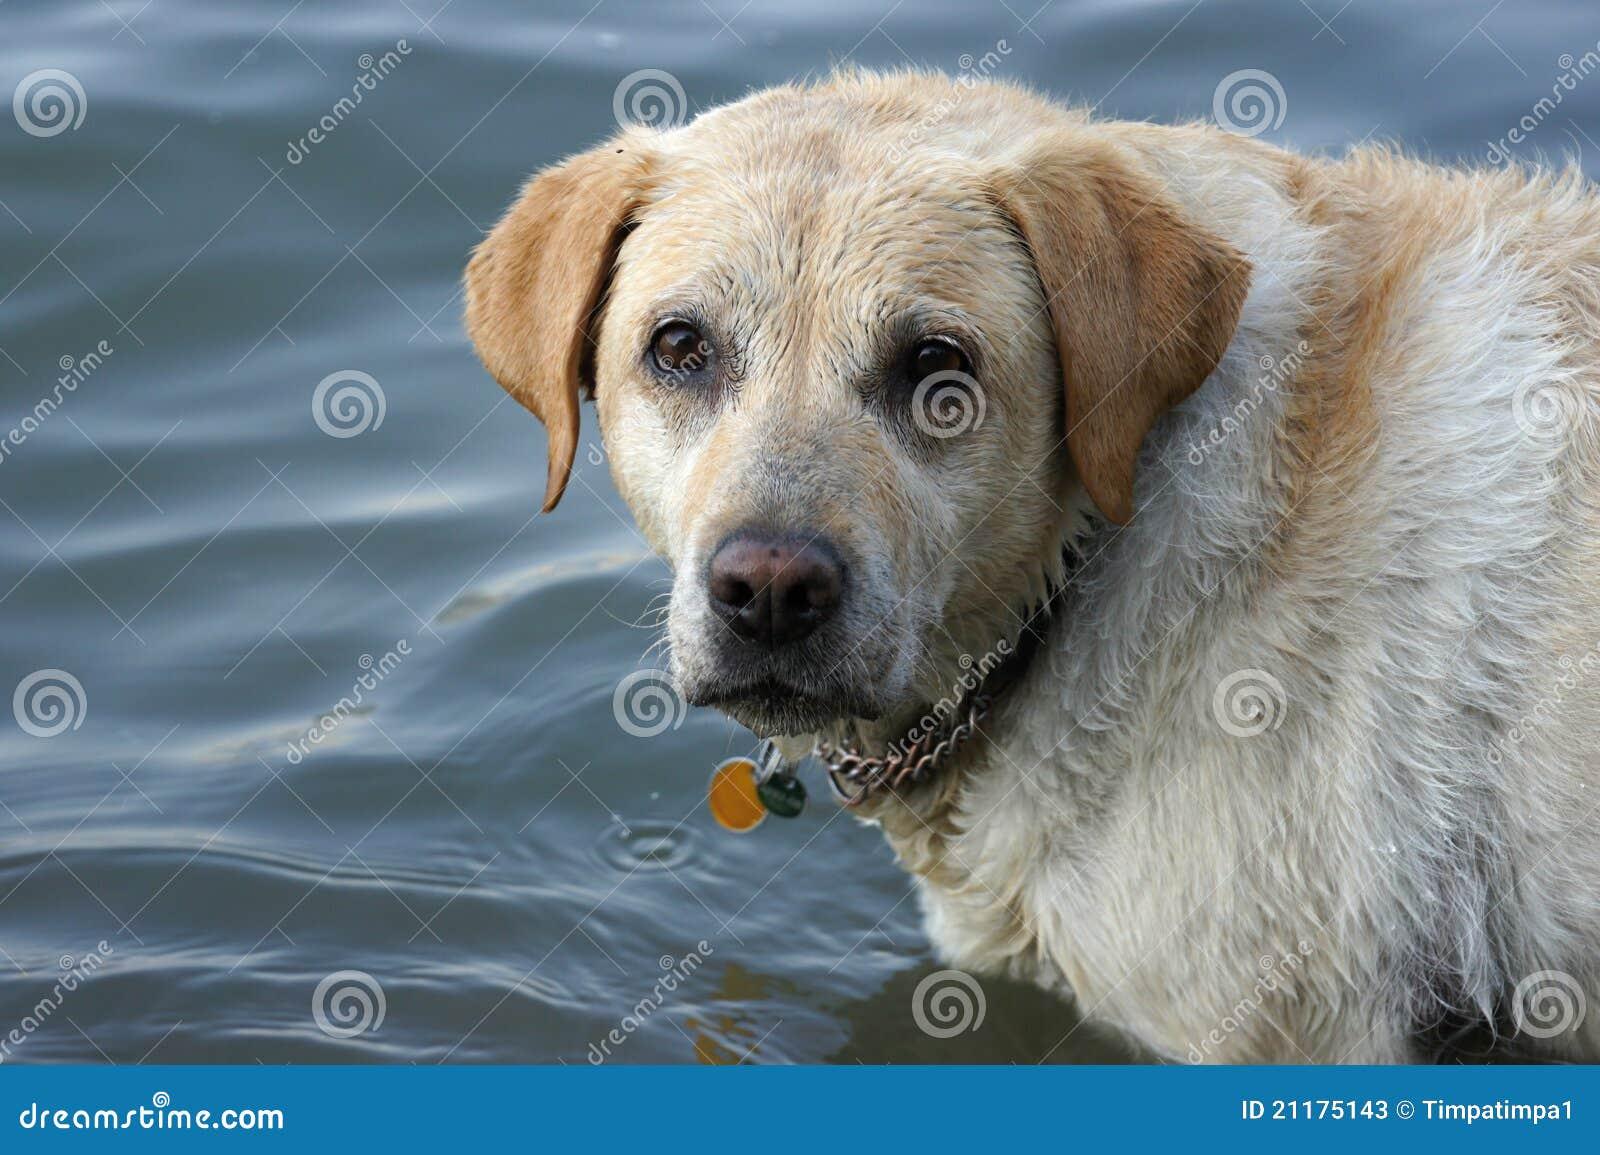 Look of labrador retriever.